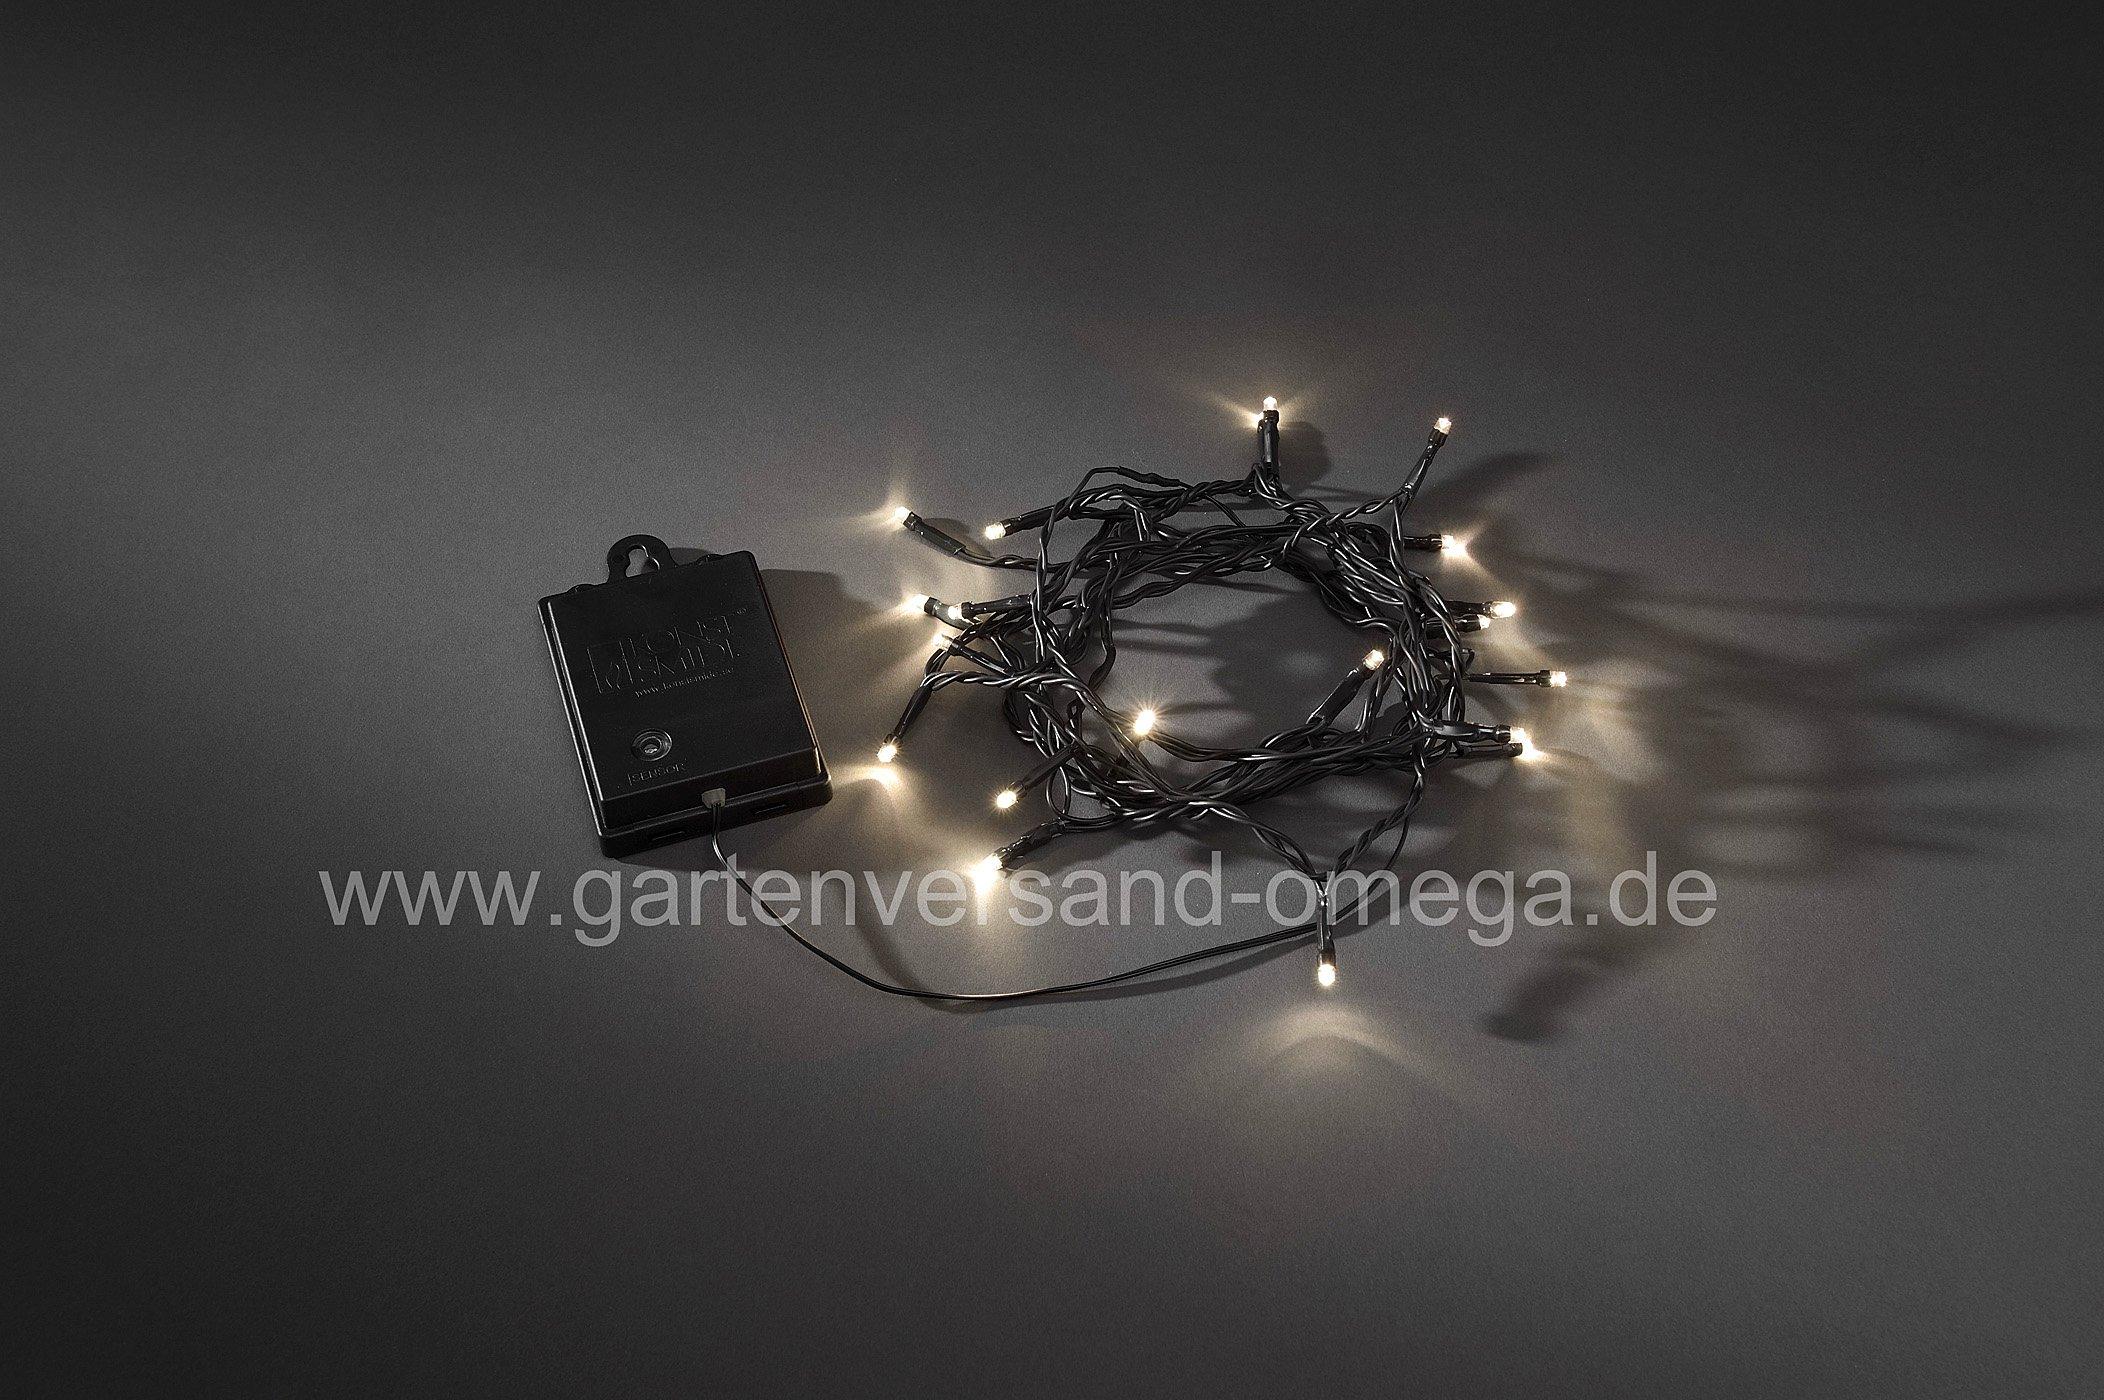 Batteriebetriebene lichterkette f r au en lichterkette - Weihnachtsbeleuchtung ohne kabel ...